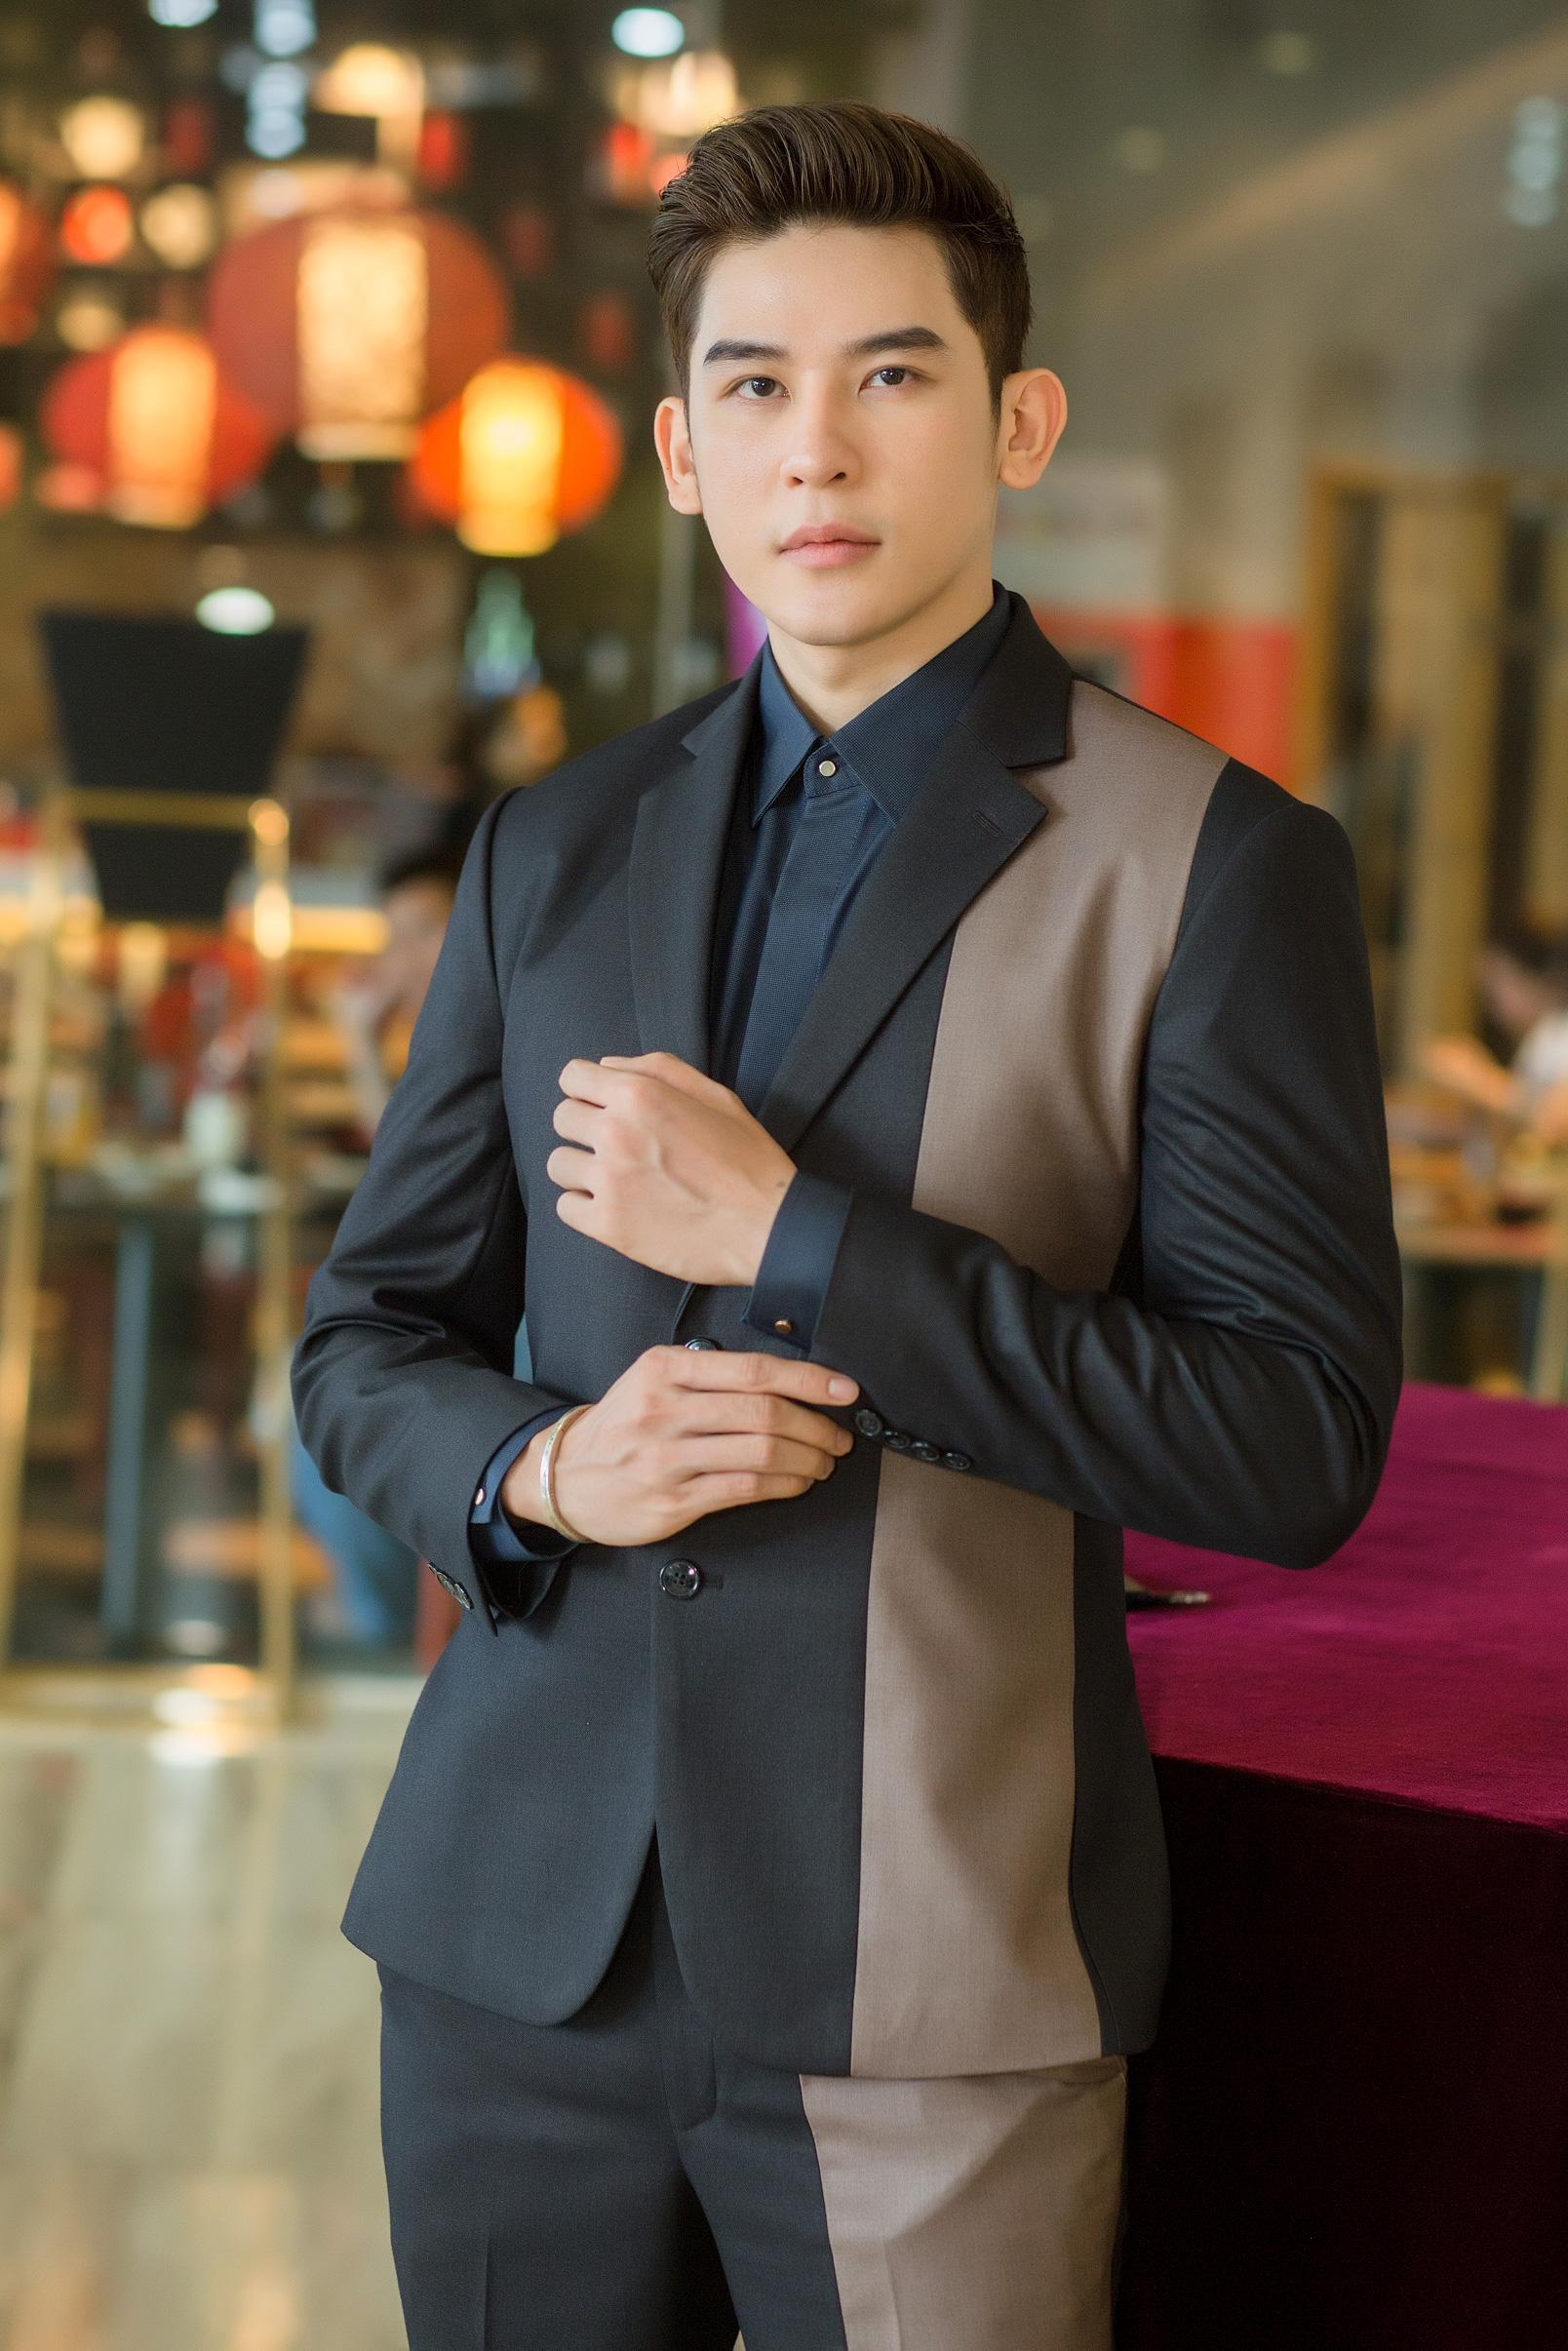 Siêu mẫu Minh Trung được bổ nhiệm làm giám đốc quốc gia Mister Supranational - Ảnh 8.